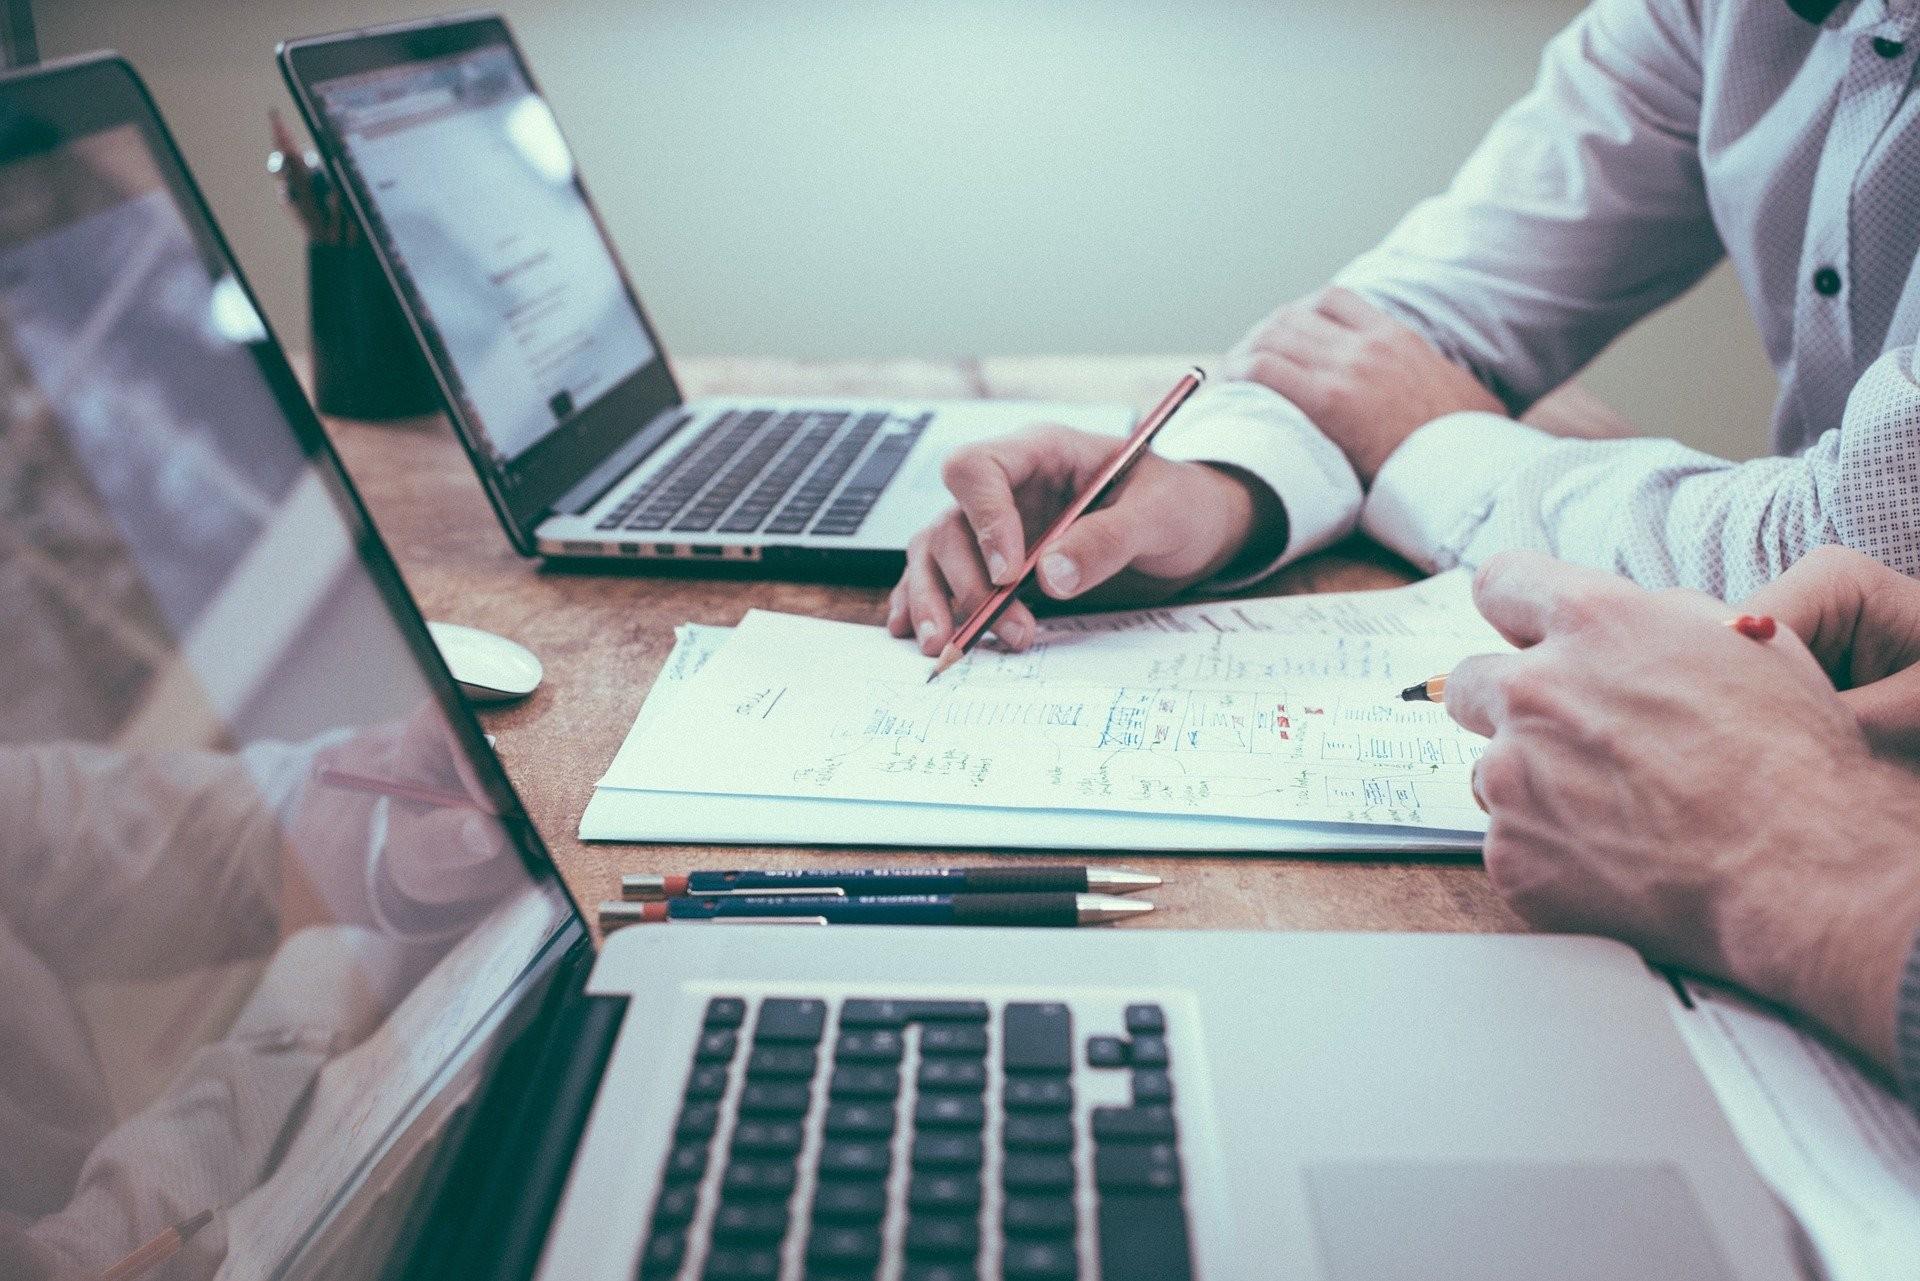 Ética nas relações de trabalho estará em pauta no treinamento Compliance Weeks